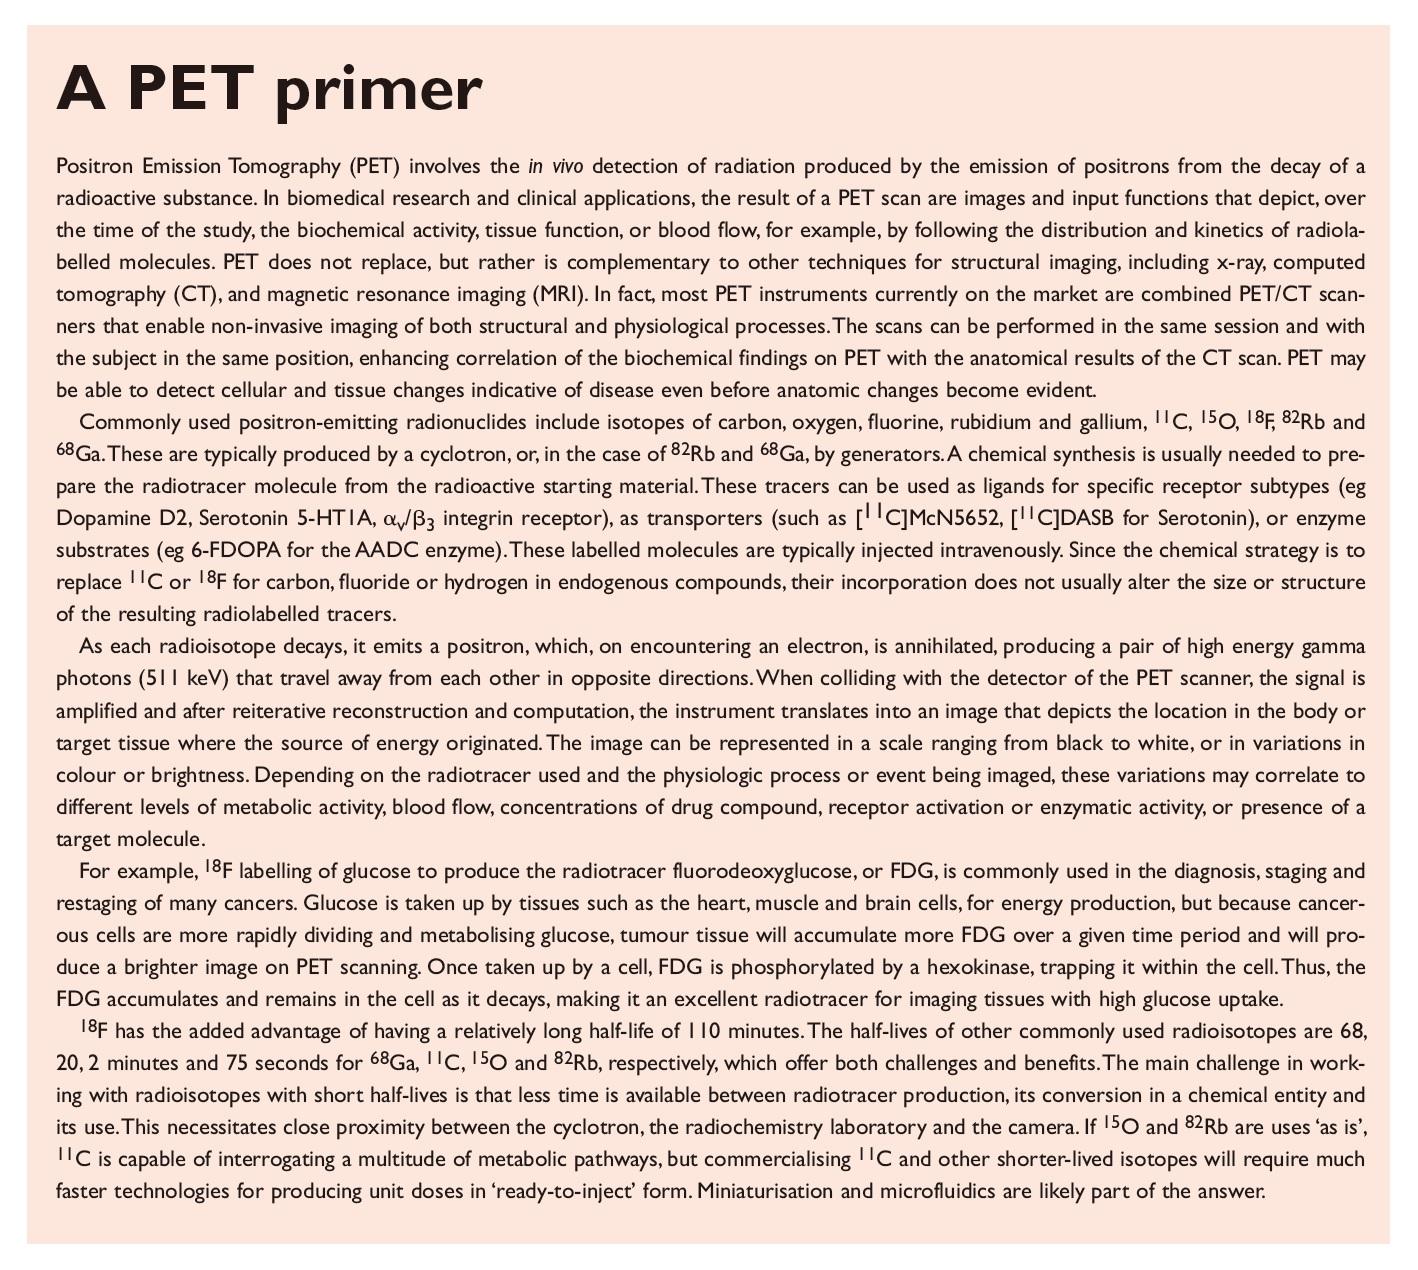 Excerpt 1 A Positron Emission Tomography (PET)